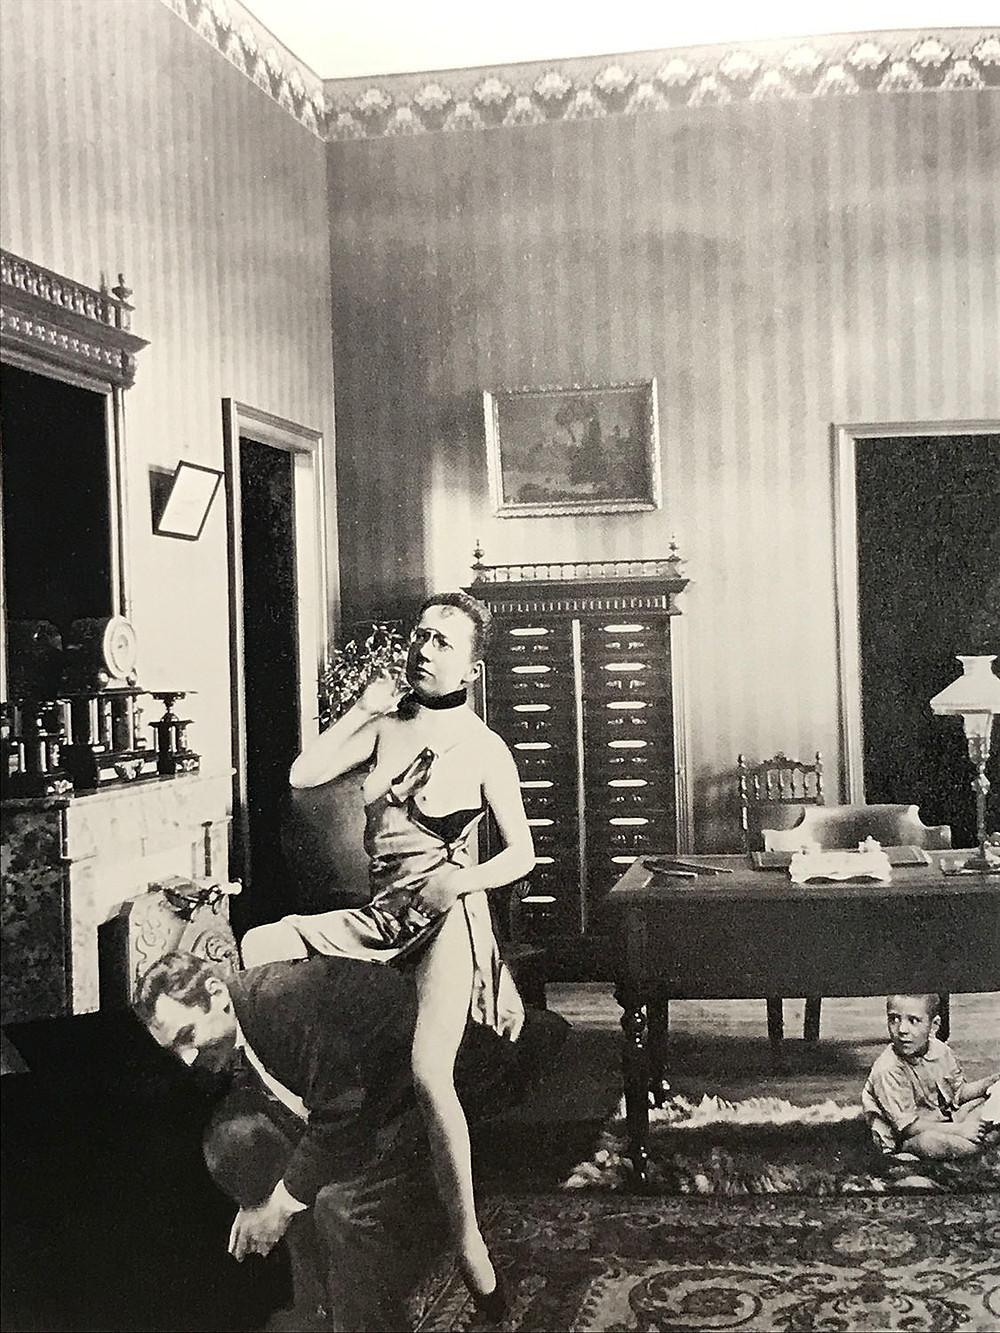 Giochi proibiti, fotomontaggio Dora Maar 1935